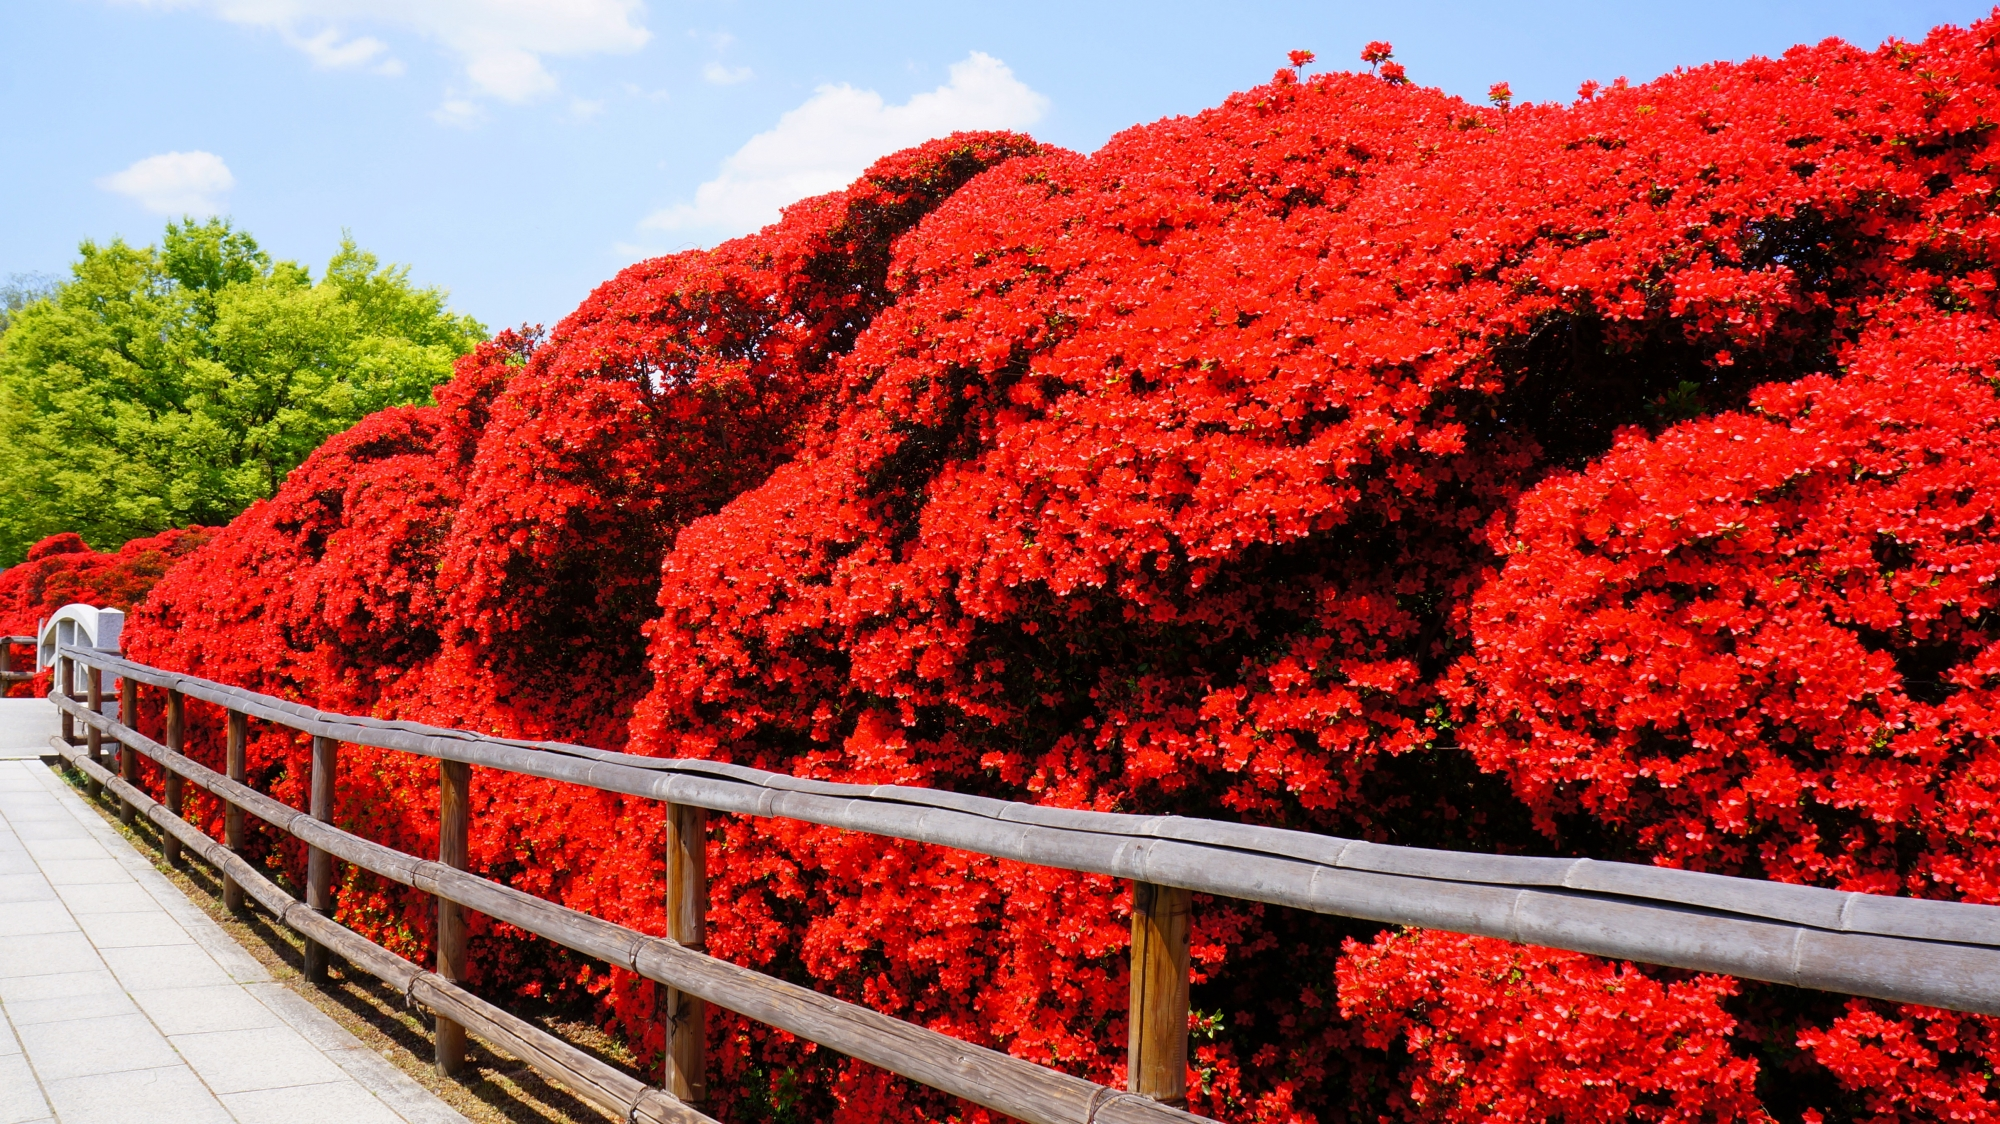 八条ヶ池に架かる赤い橋となるツツジの咲きそろった水上橋